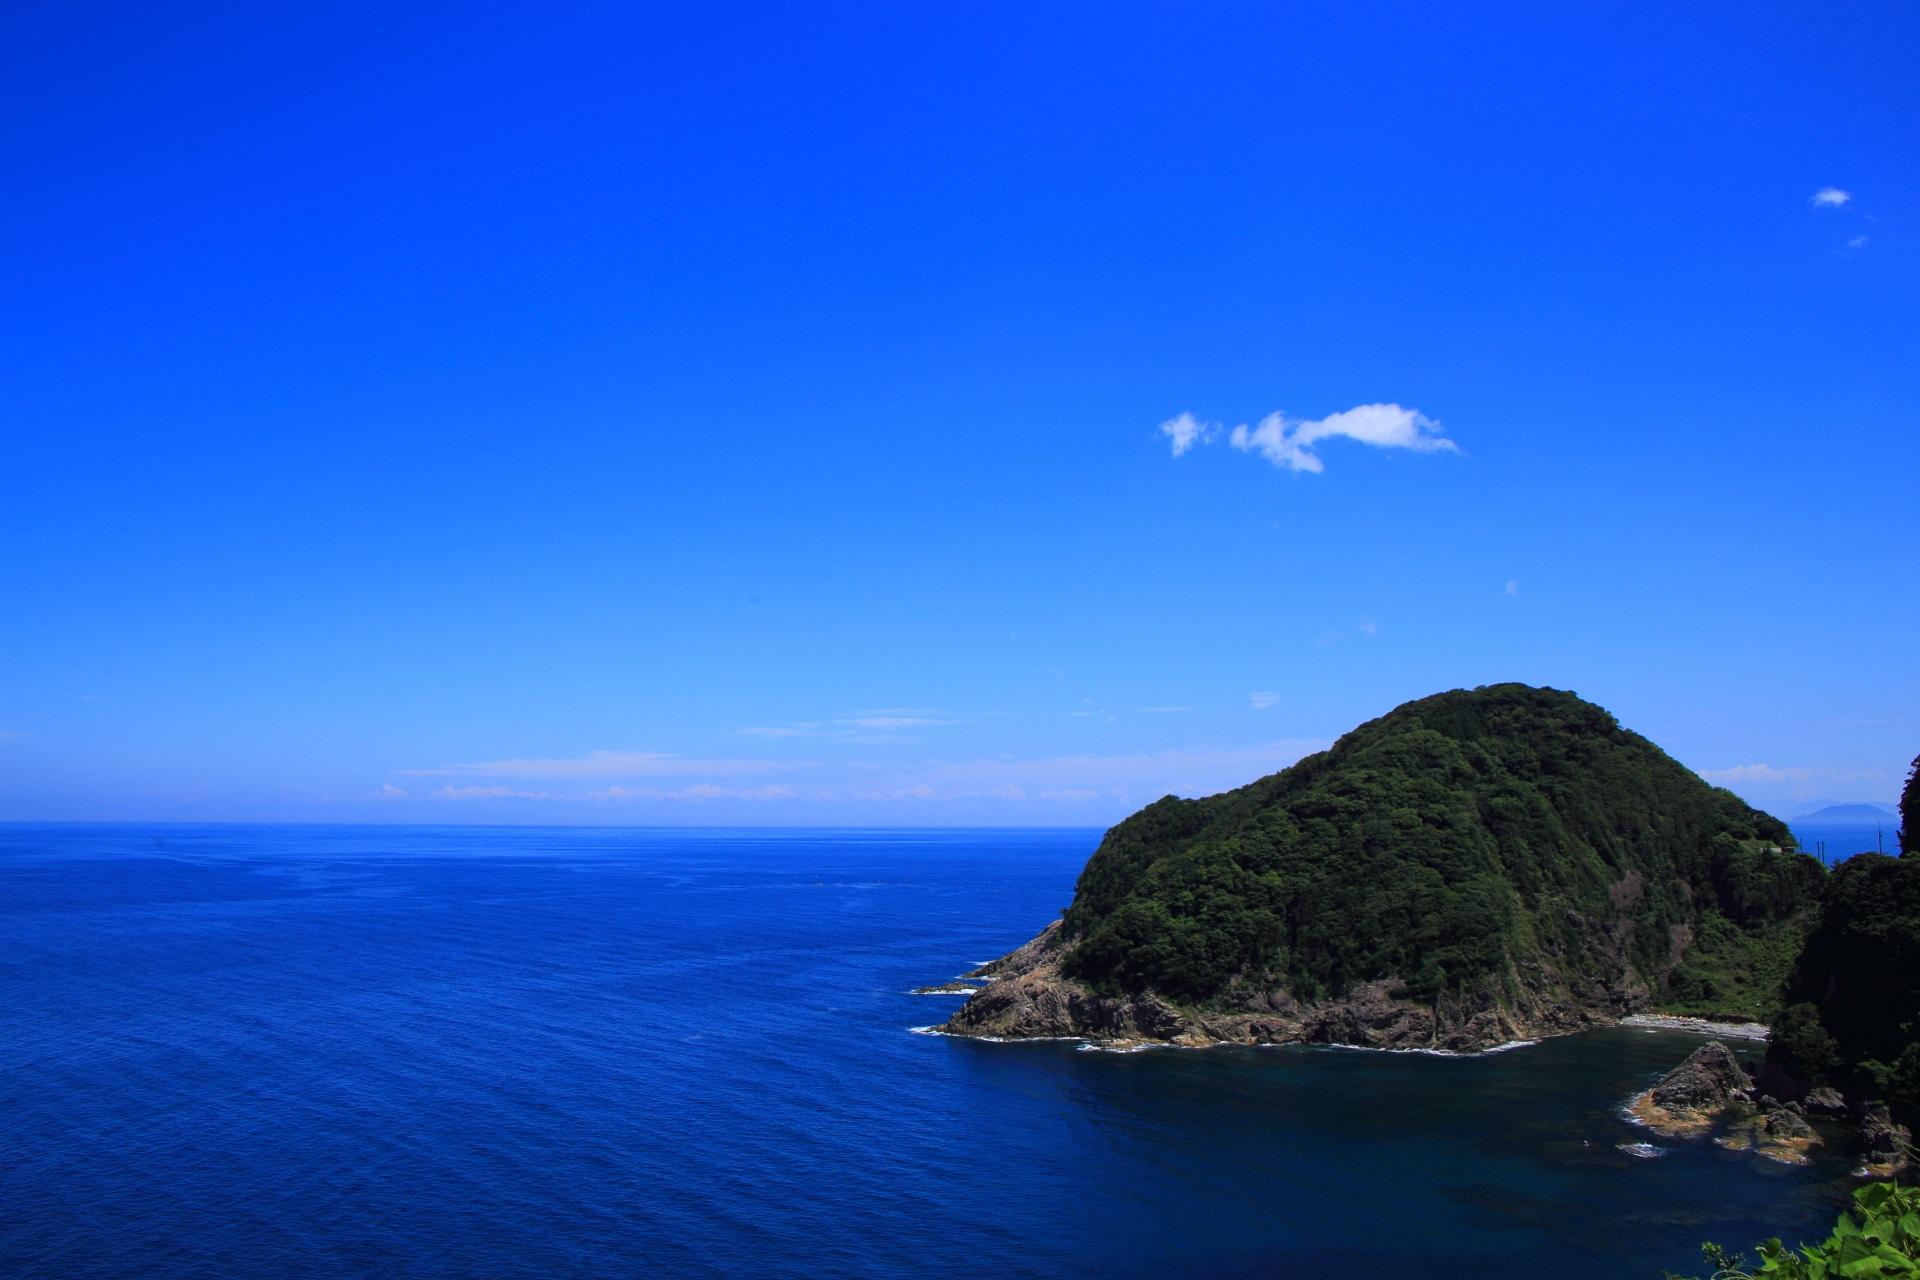 丹後半島の何処までも広がる青空と日本海